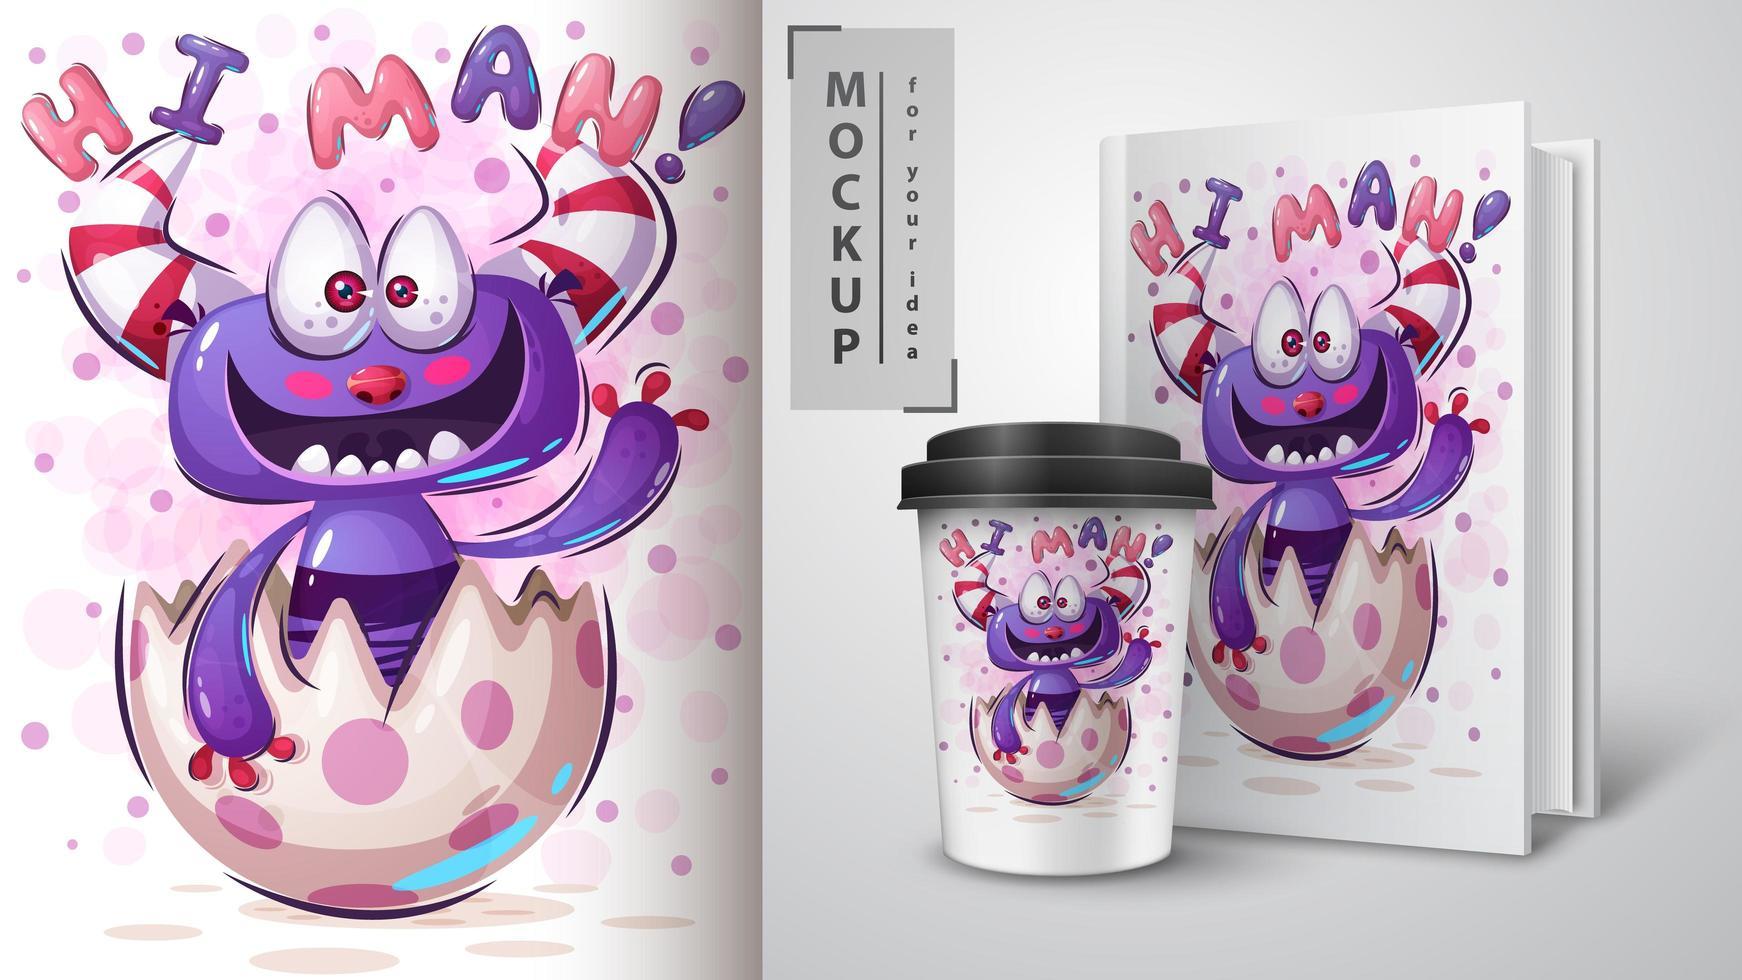 boo monster hallo man poster vector